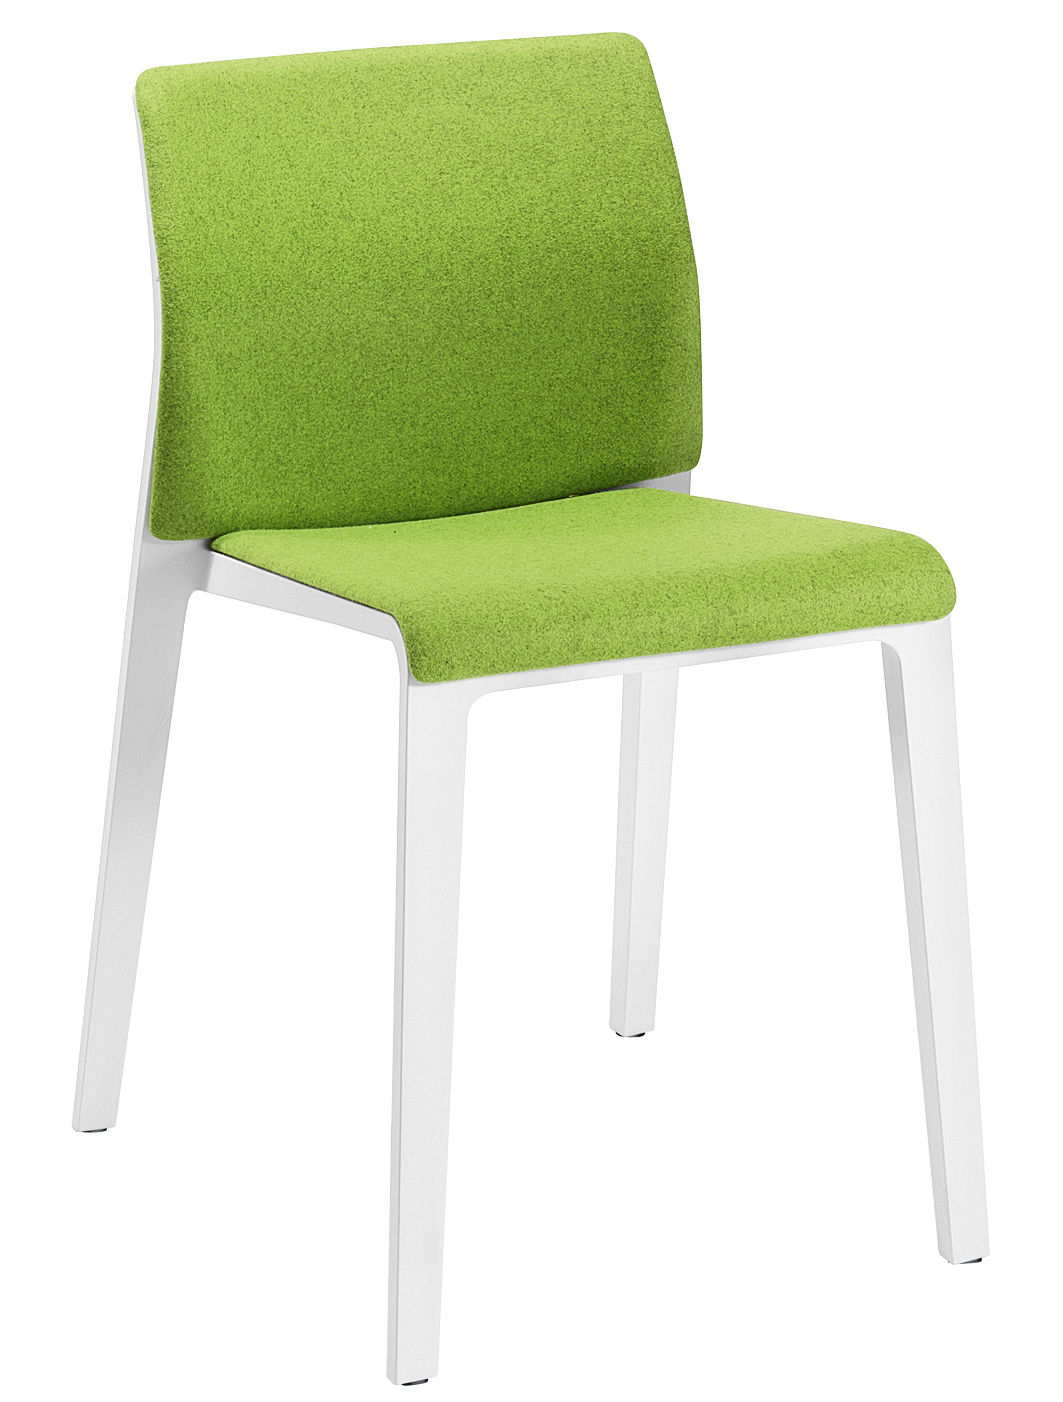 Mobilier - Chaises, fauteuils de salle à manger - Chaise rembourrée Juno / Dossier fermé - Arper - Blanc / Tissu vert - Polypropylène, Tissu Kvadrat